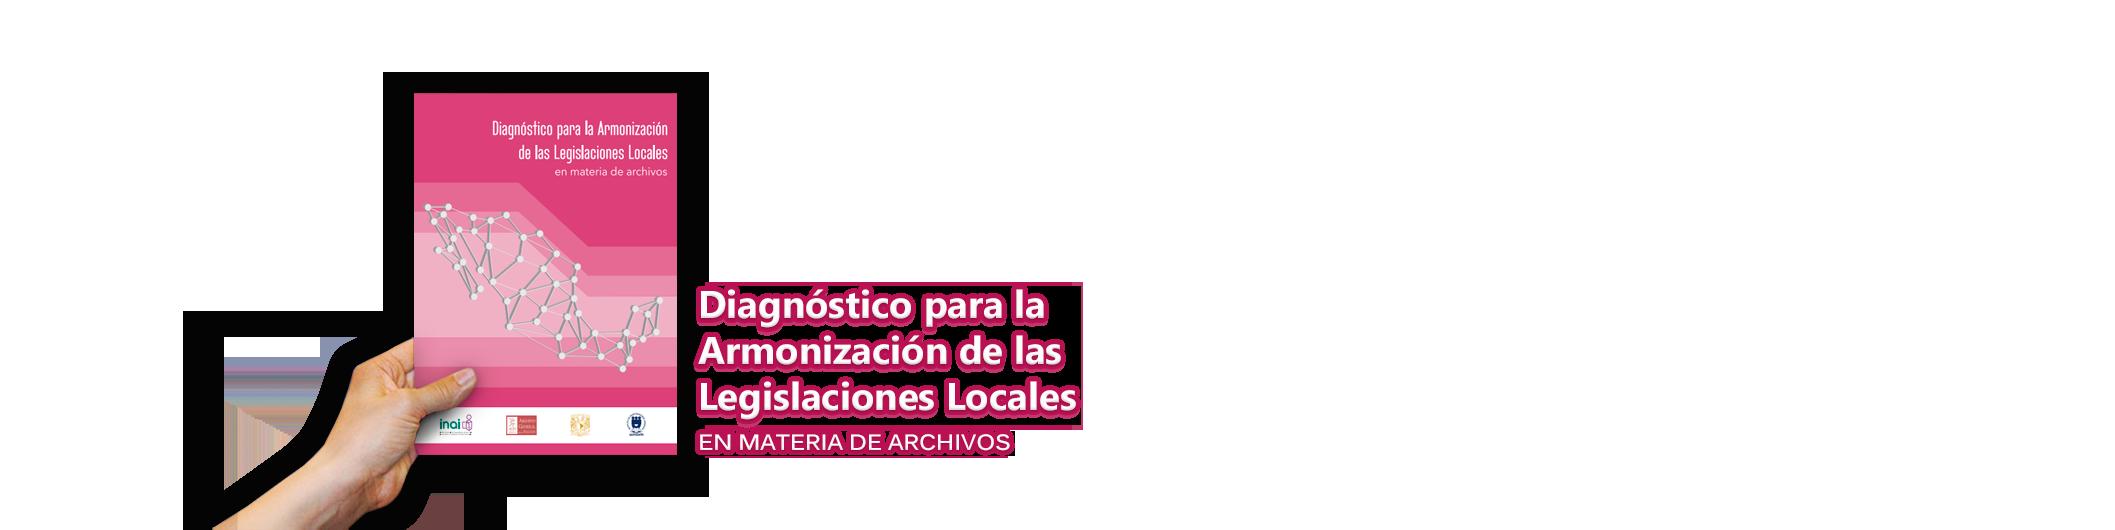 librorosa_publicaciones.png